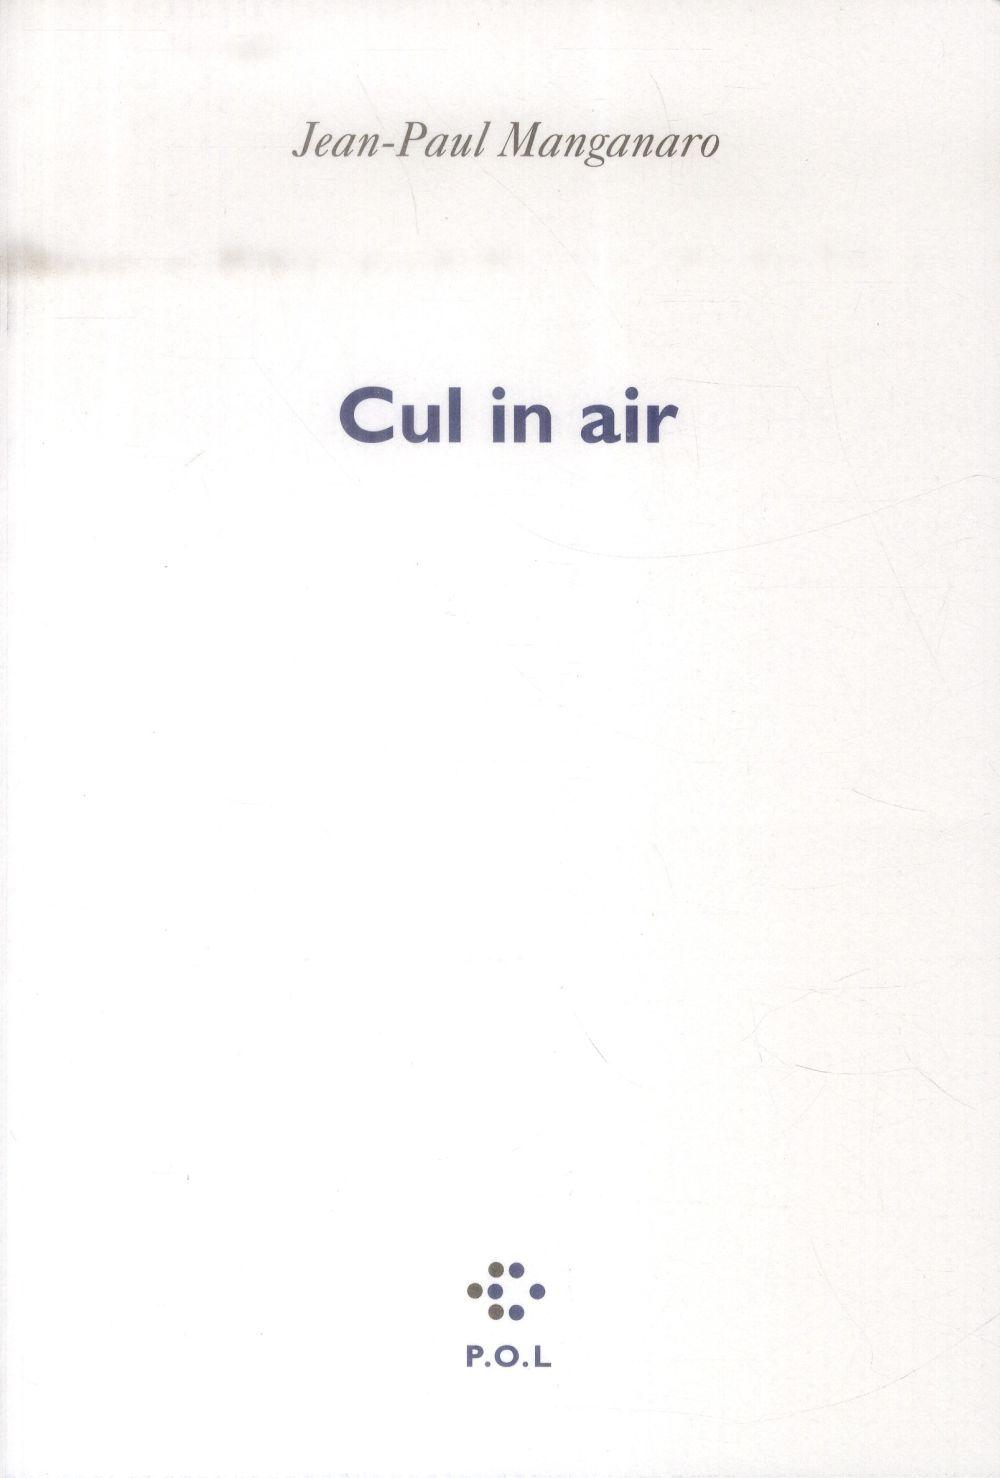 CUL IN AIR